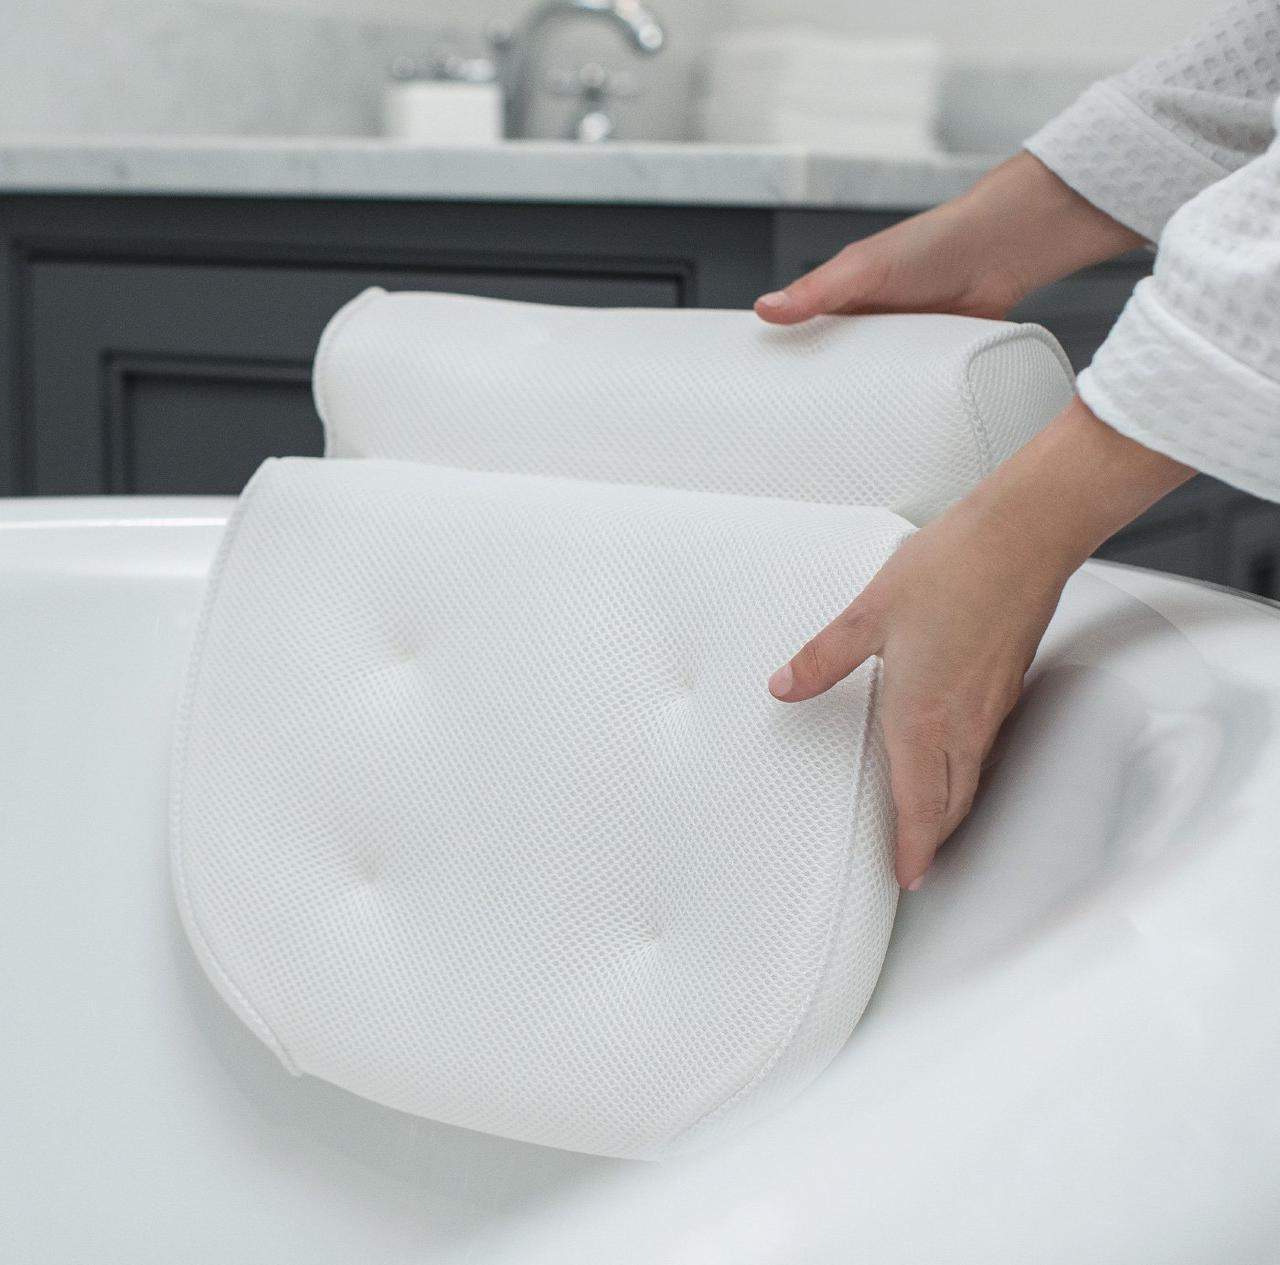 Ортопедическая подушка для ванной Original GORILLA GRIP (TM) Premium Spa Bath Pillow на мощных присосках